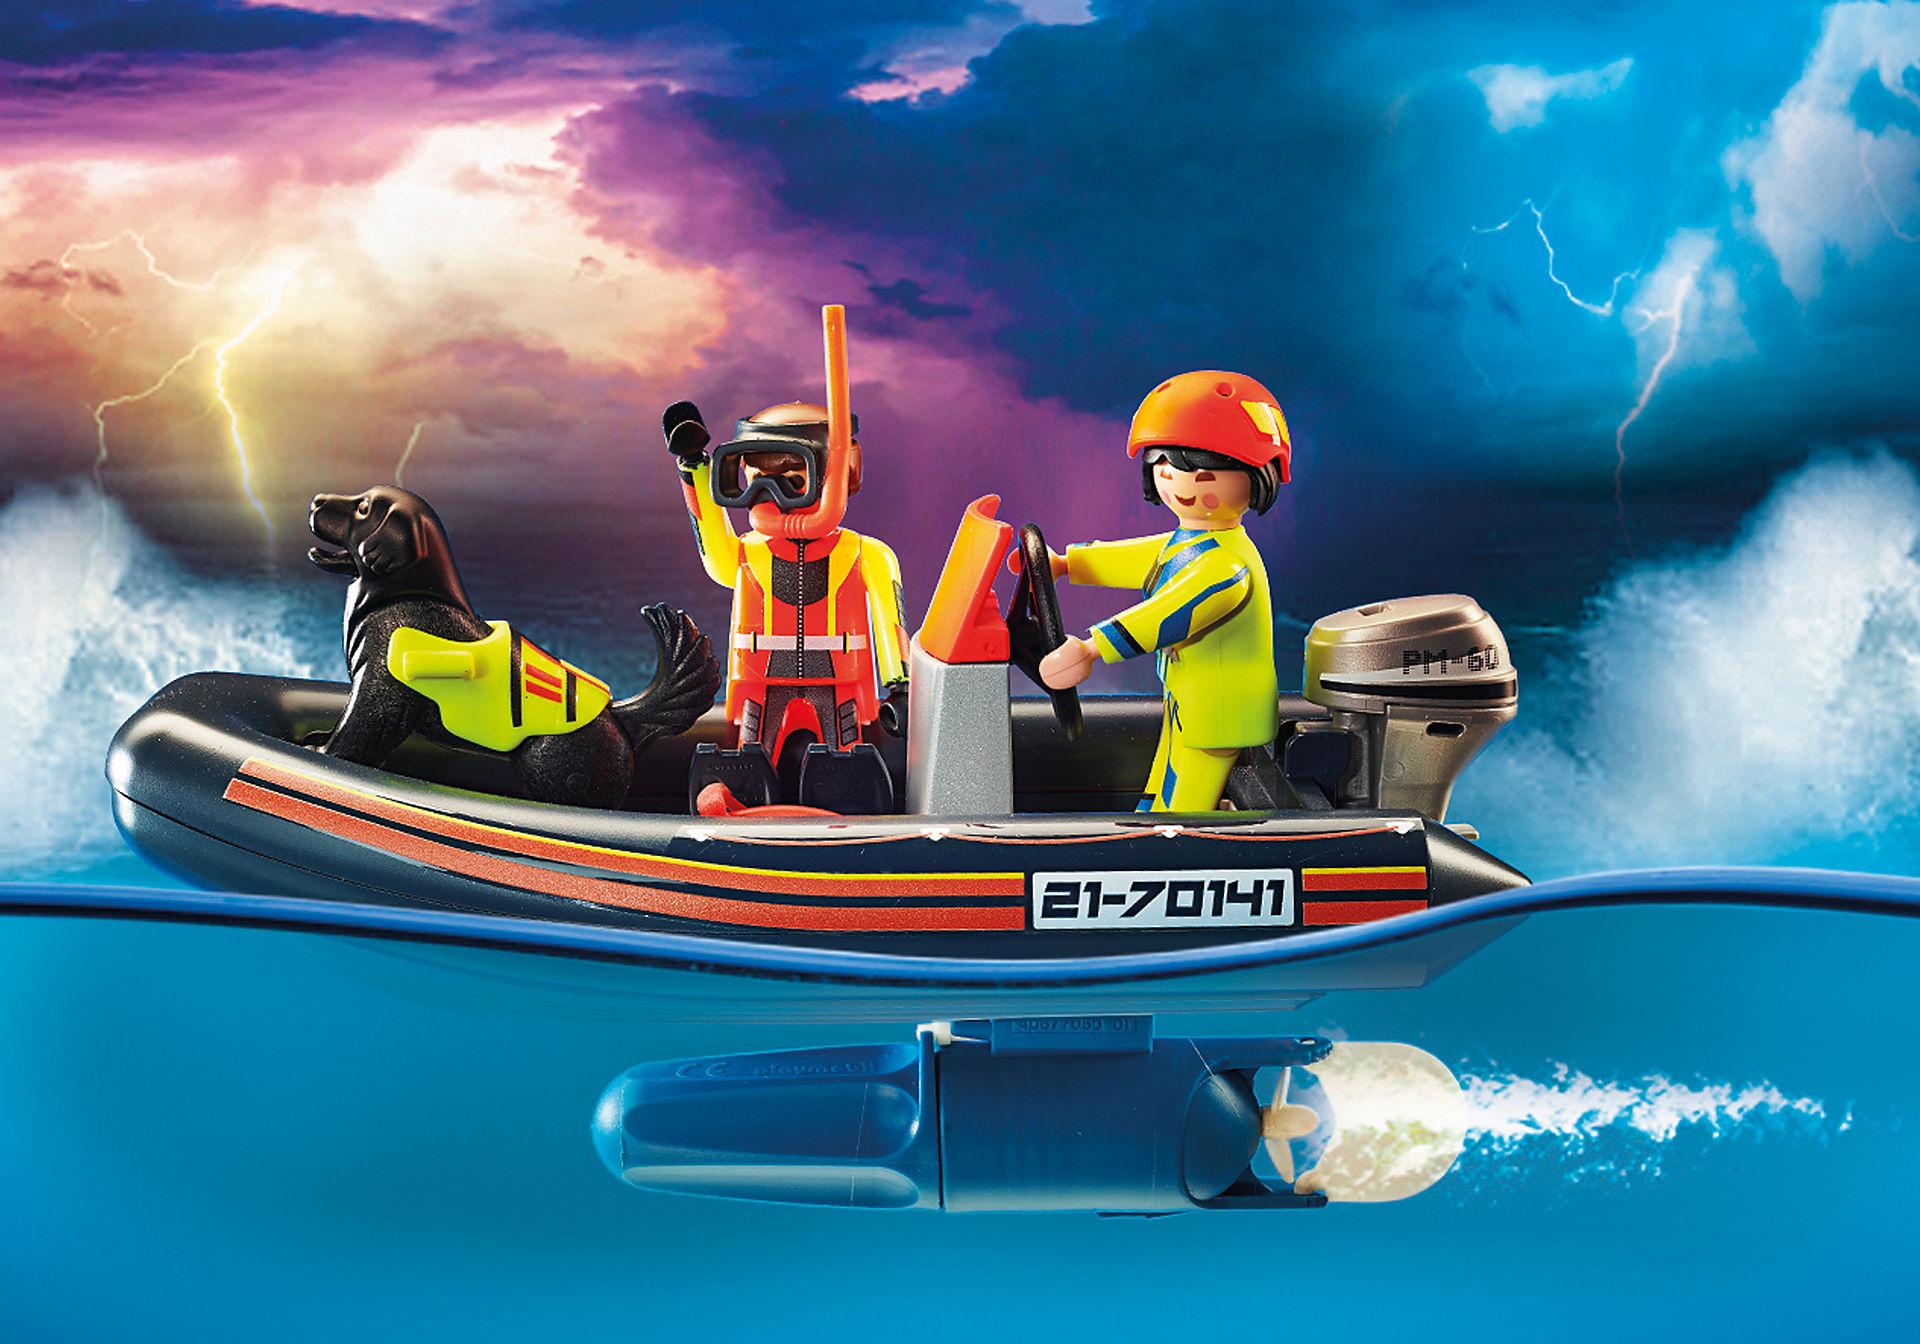 70141 Merihätä: Napaseudun purjehtijoiden pelastus kumiveneellä zoom image4